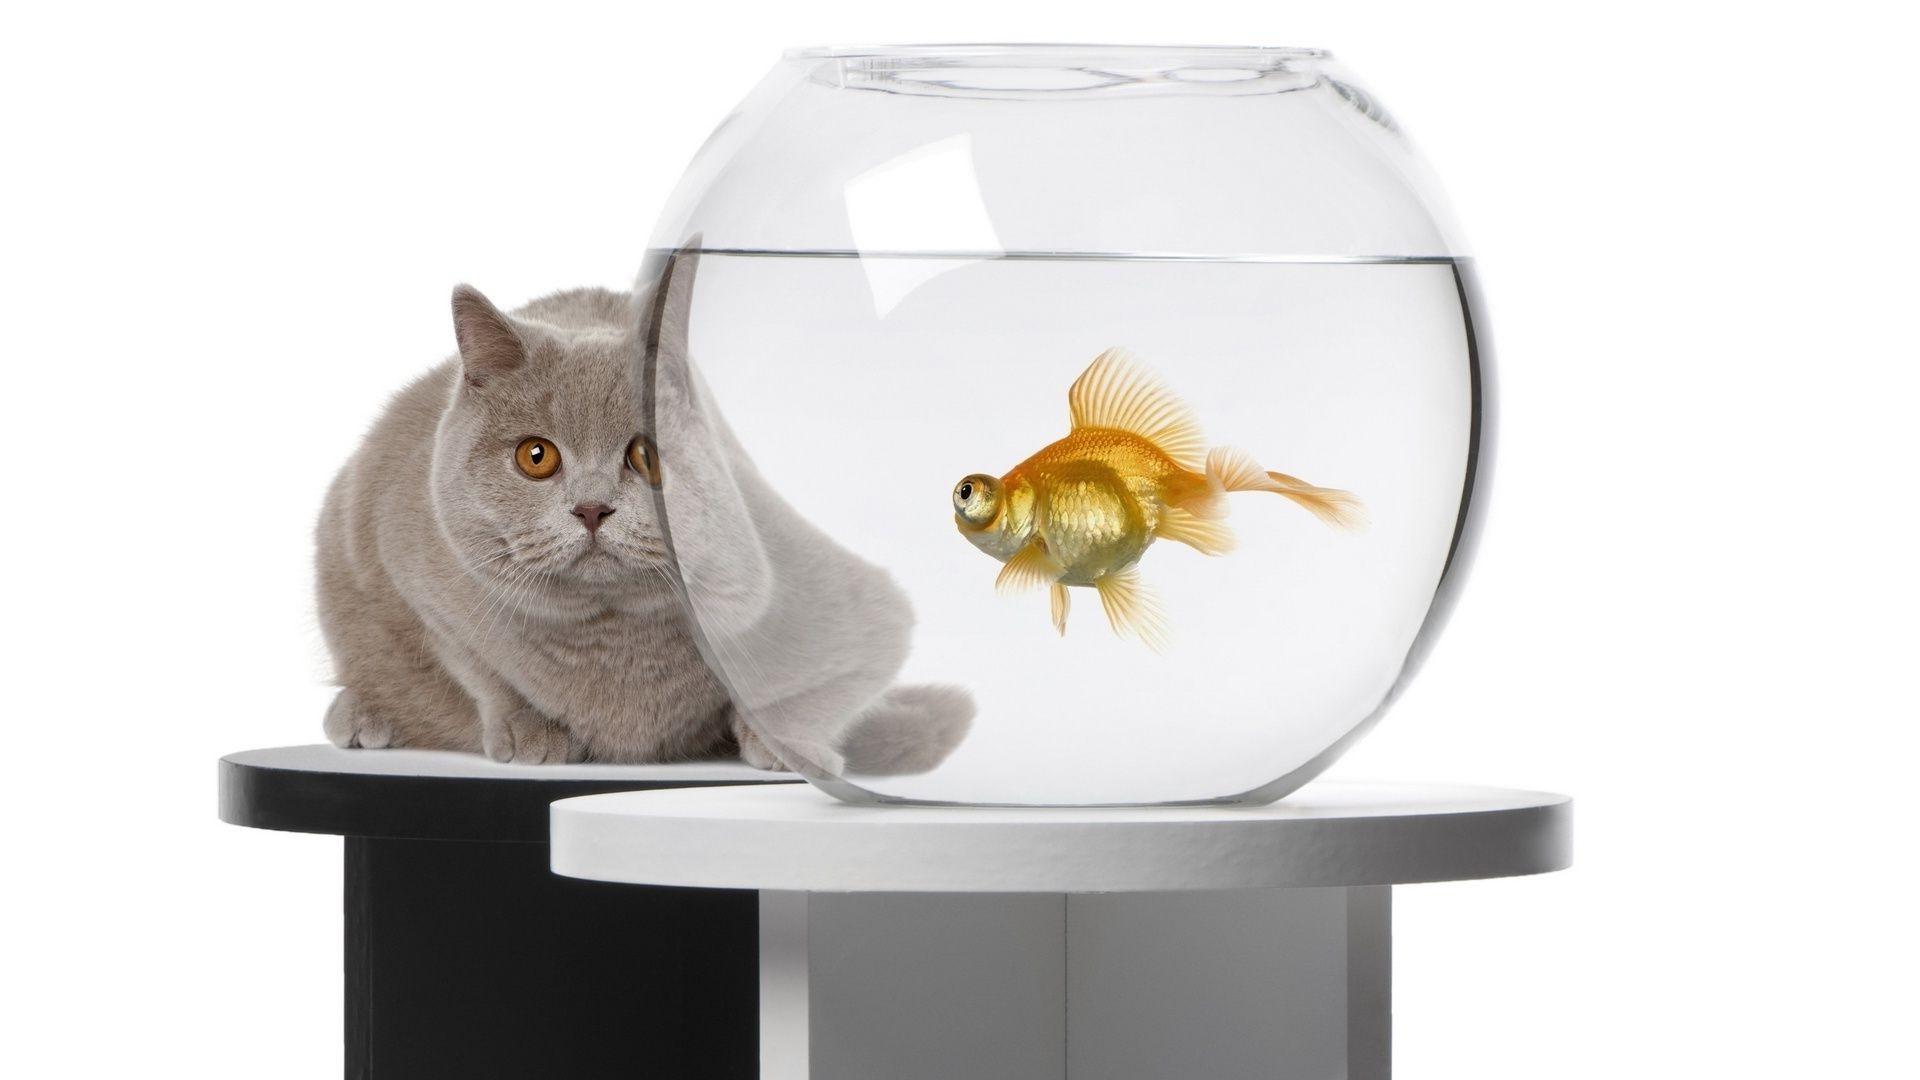 Серый кот смотрит на золотую рыбку в аквариуме - обои на ...